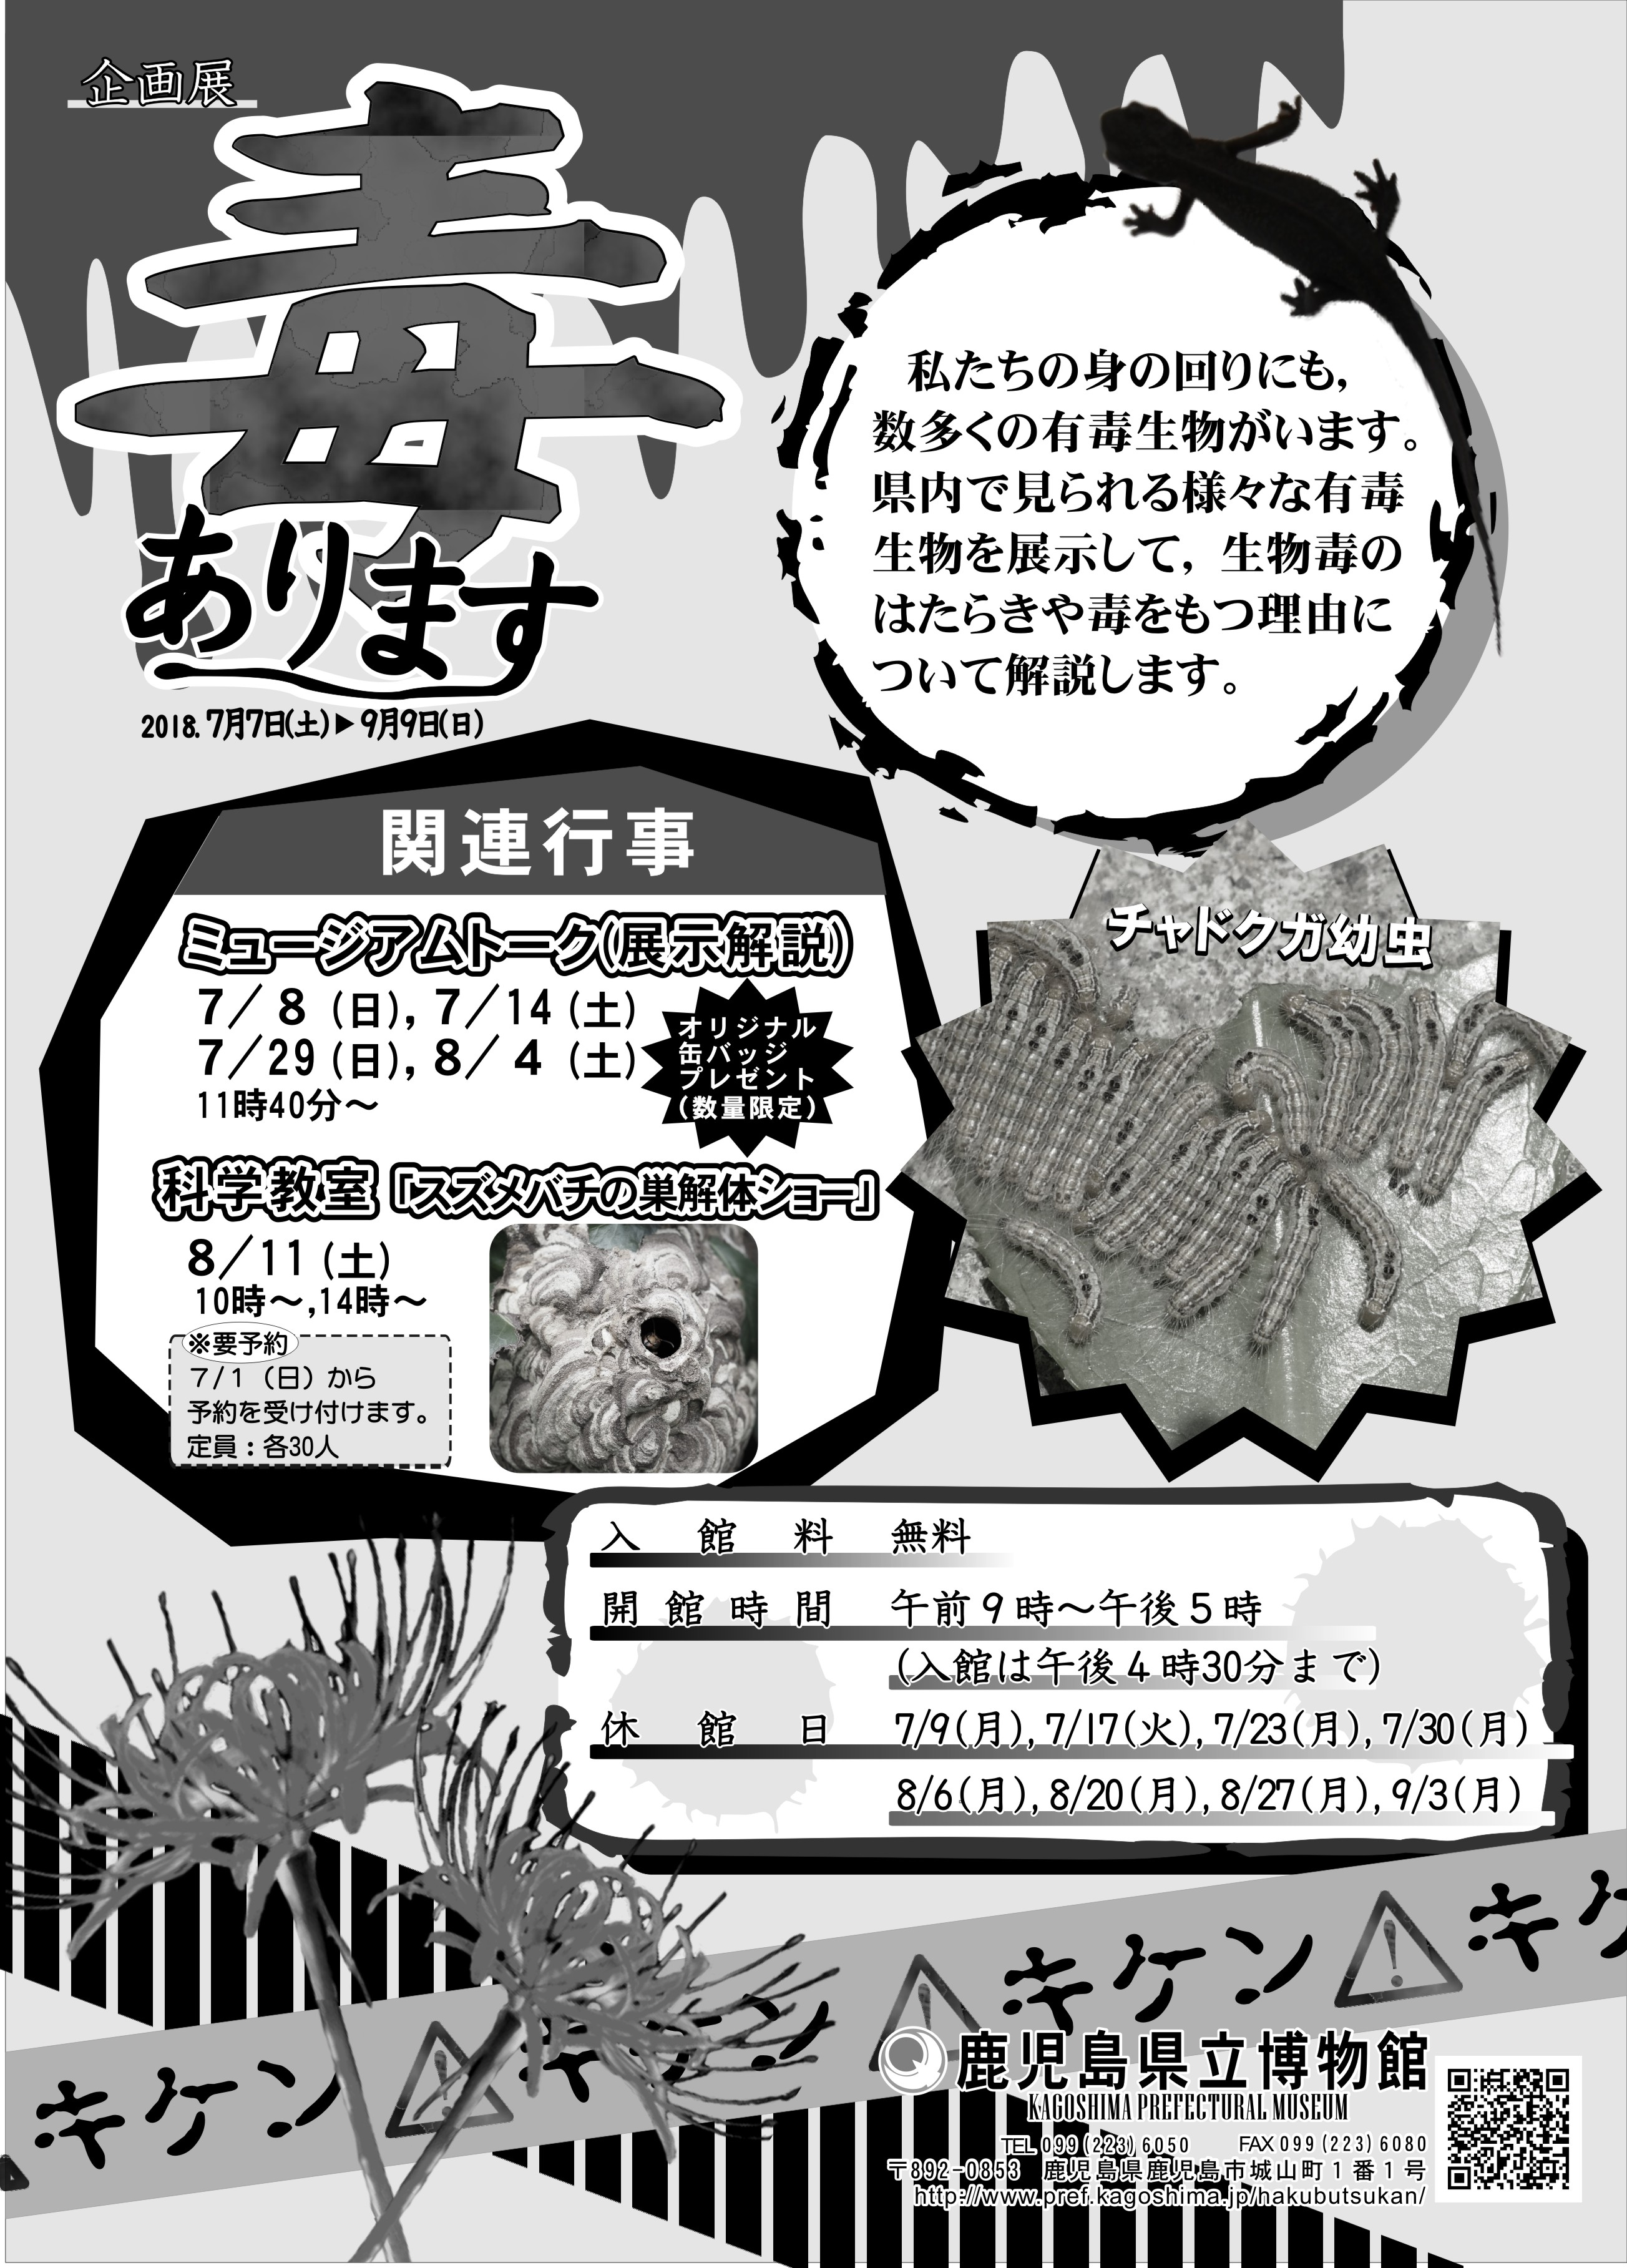 鹿児島県/企画展「毒あります」